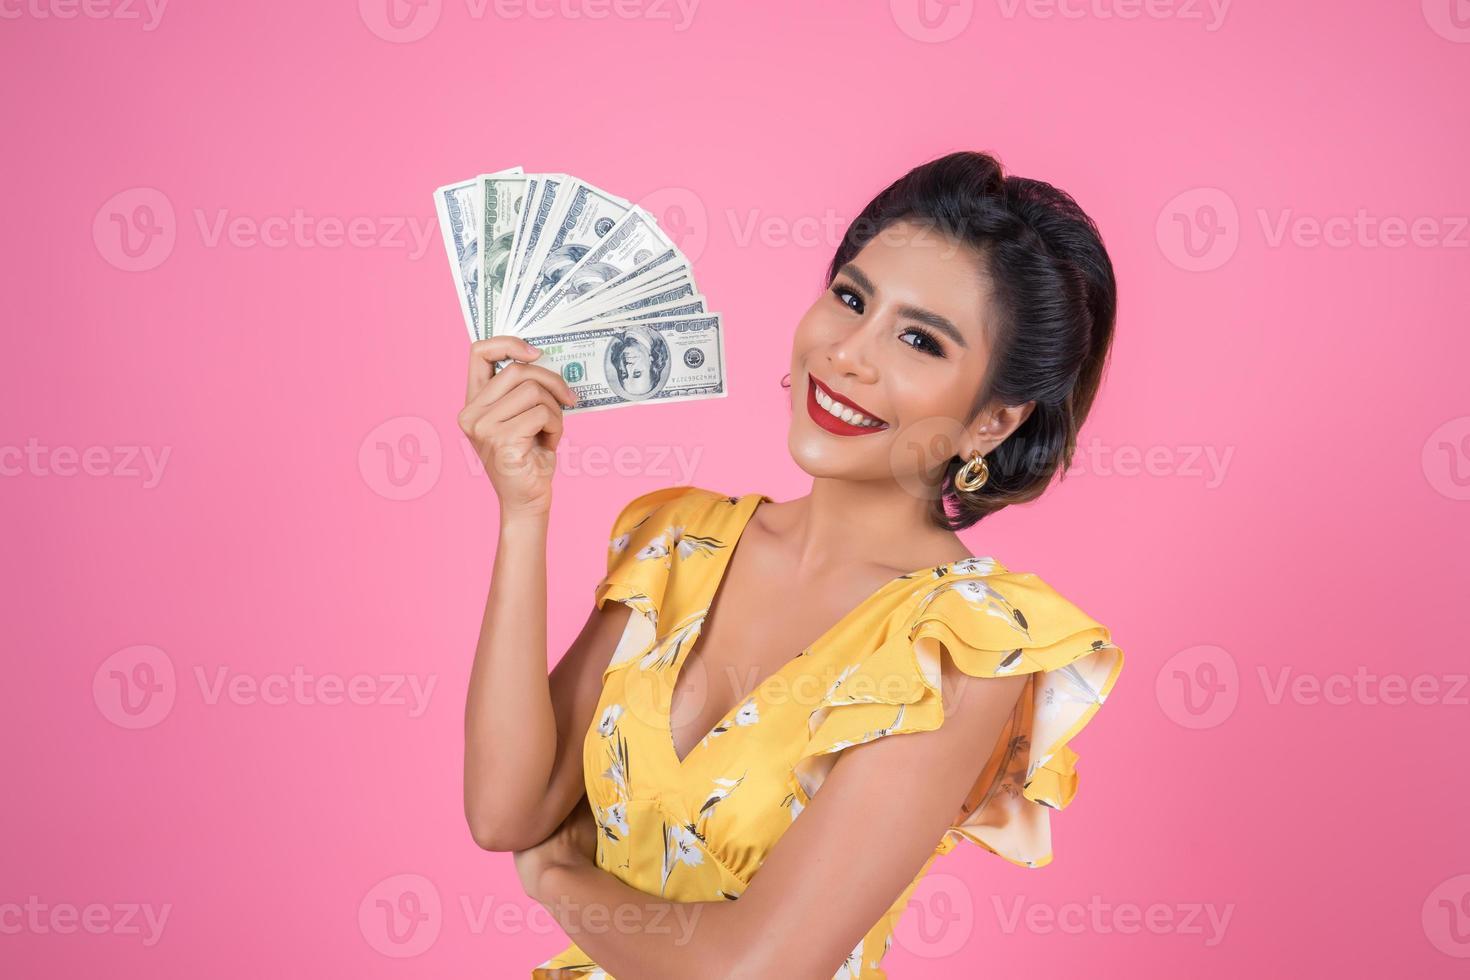 donna alla moda felice che tiene i soldi per lo shopping foto